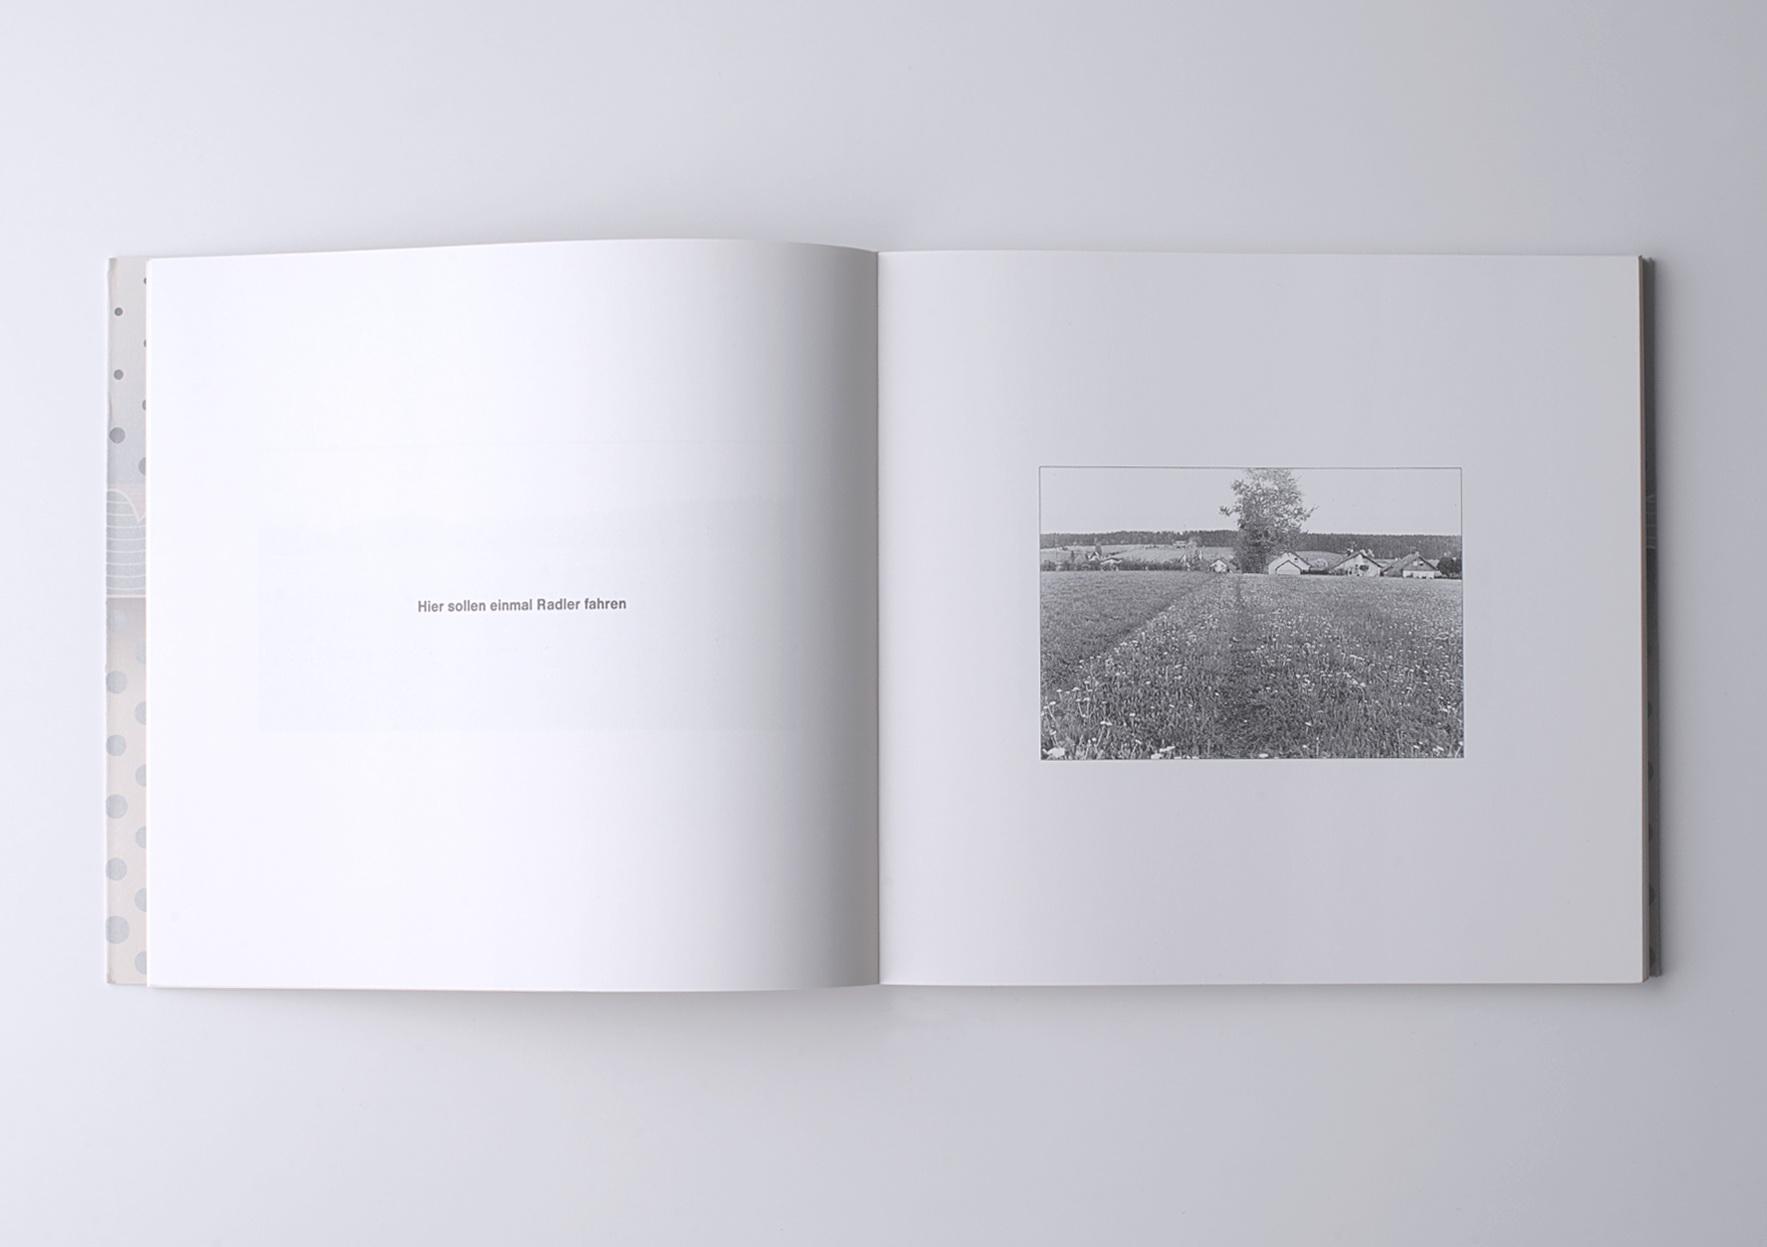 | Noch ist nichts zu sehen. Material Verlag | ProjecteSD